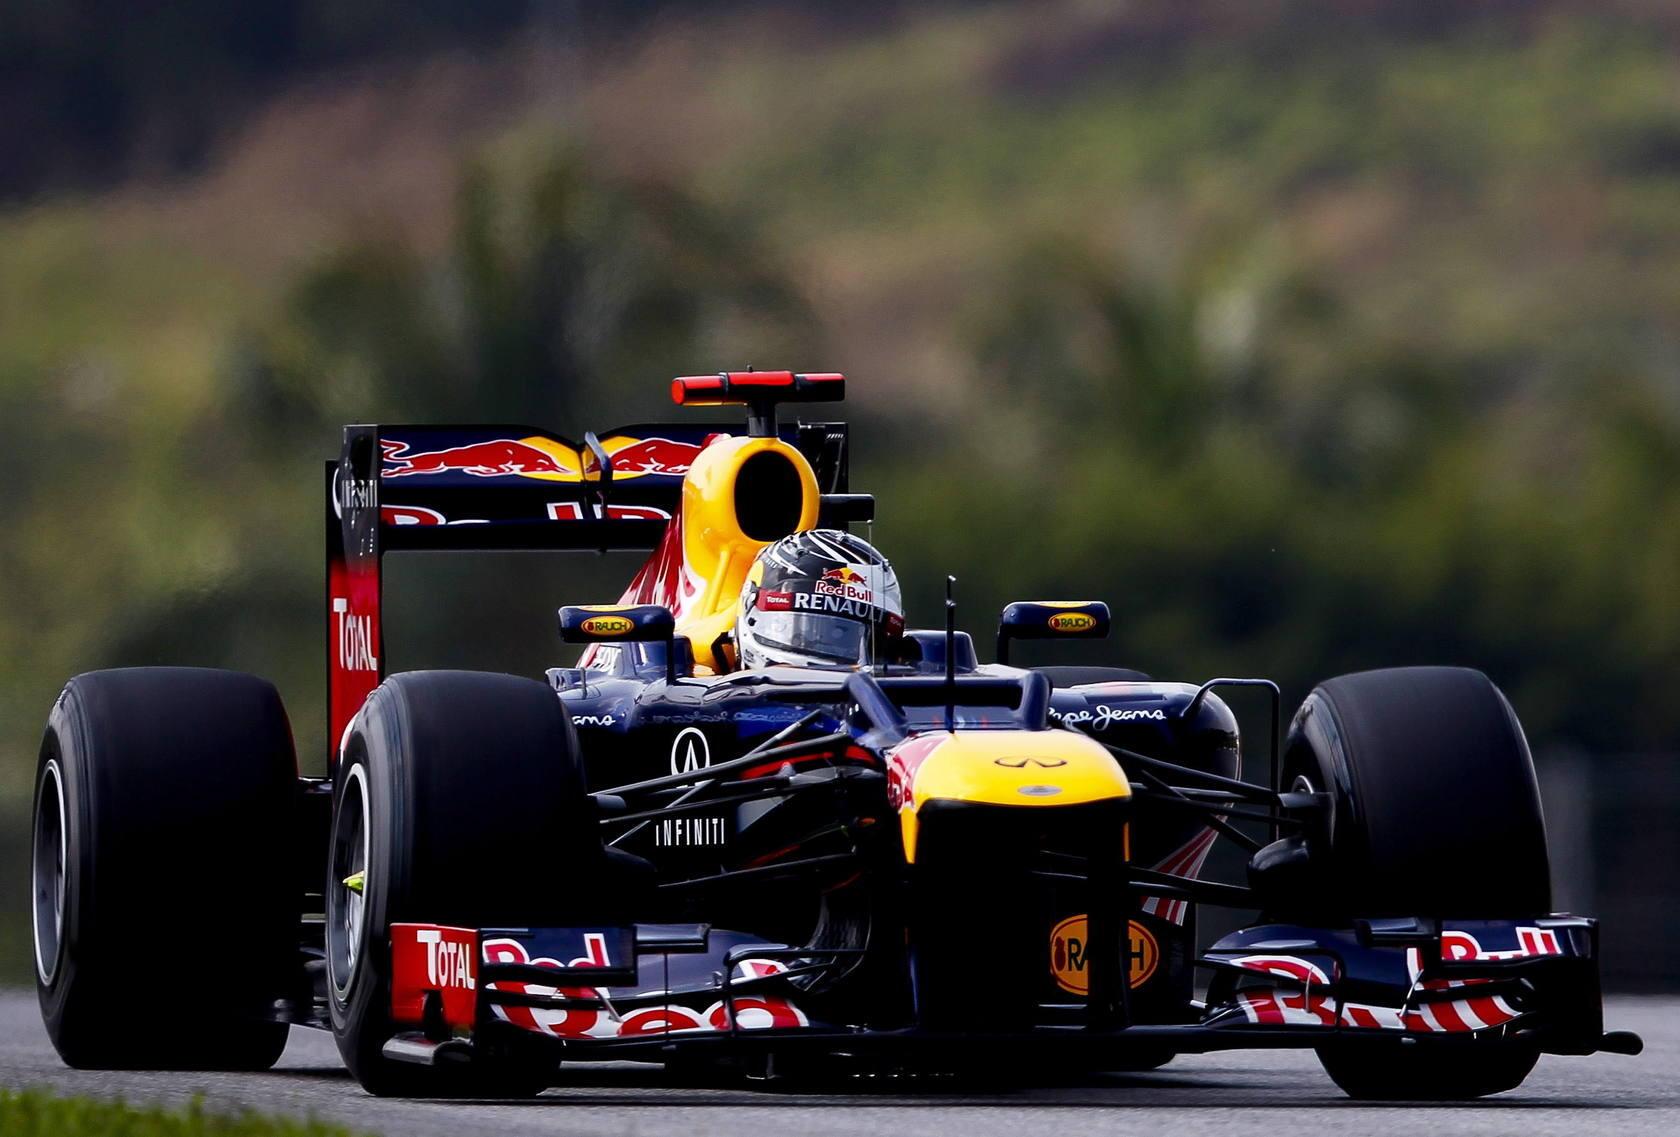 McLaren vuelve a dominar en las clasificaciones del Gran Premio de Malasia